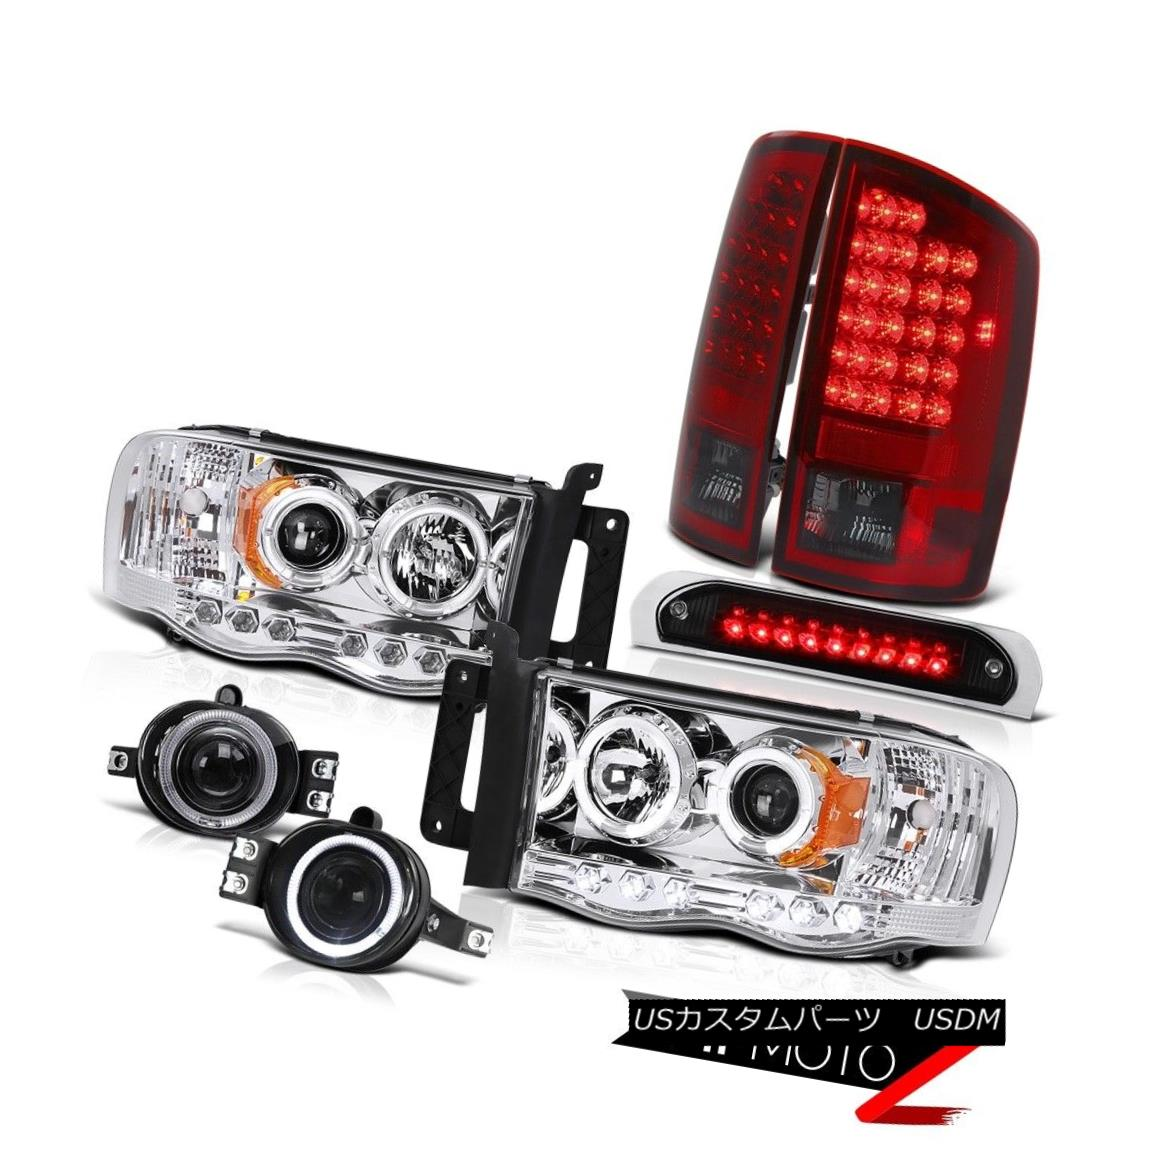 テールライト 02 03 04 05 Ram WS Halo LED Headlights Rear Tail Lights Projector Foglamps Roof 02 03 04 05 Ram WS Haloヘッドライトリアテールライトプロジェクターフォグランプ屋根